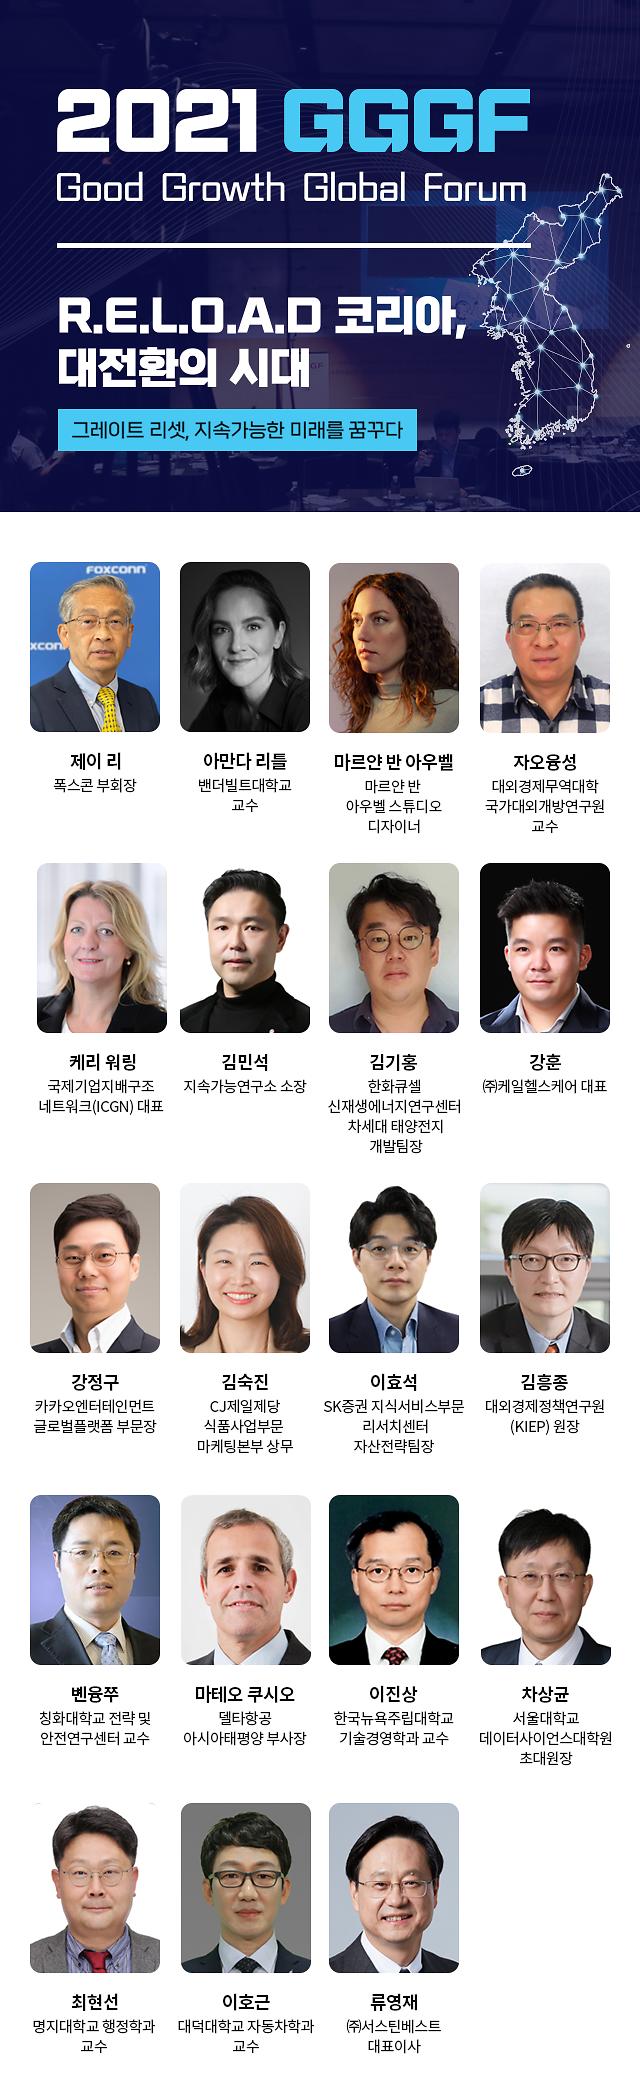 [사고] 세계적 기업·석학들이 보는 대전환 시대…'아주경제 2021 GGGF' 이번달 9일 개최